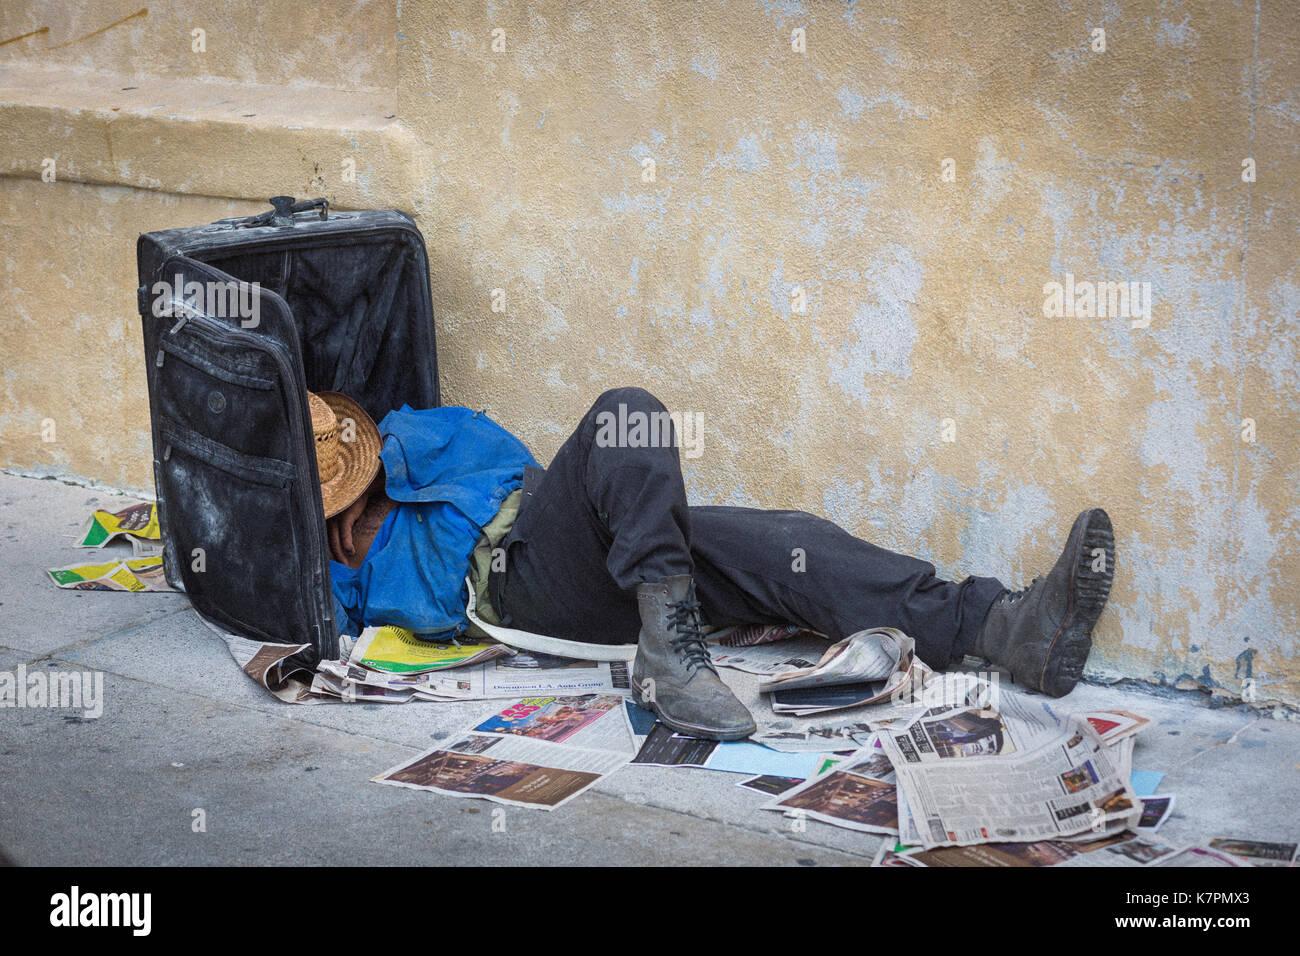 Homme couché avec la tête dans la valise, vraisemblablement, sans-abri au centre-ville, los angeles, dans le quartier de la mode, près de Skid Row. Photo Stock